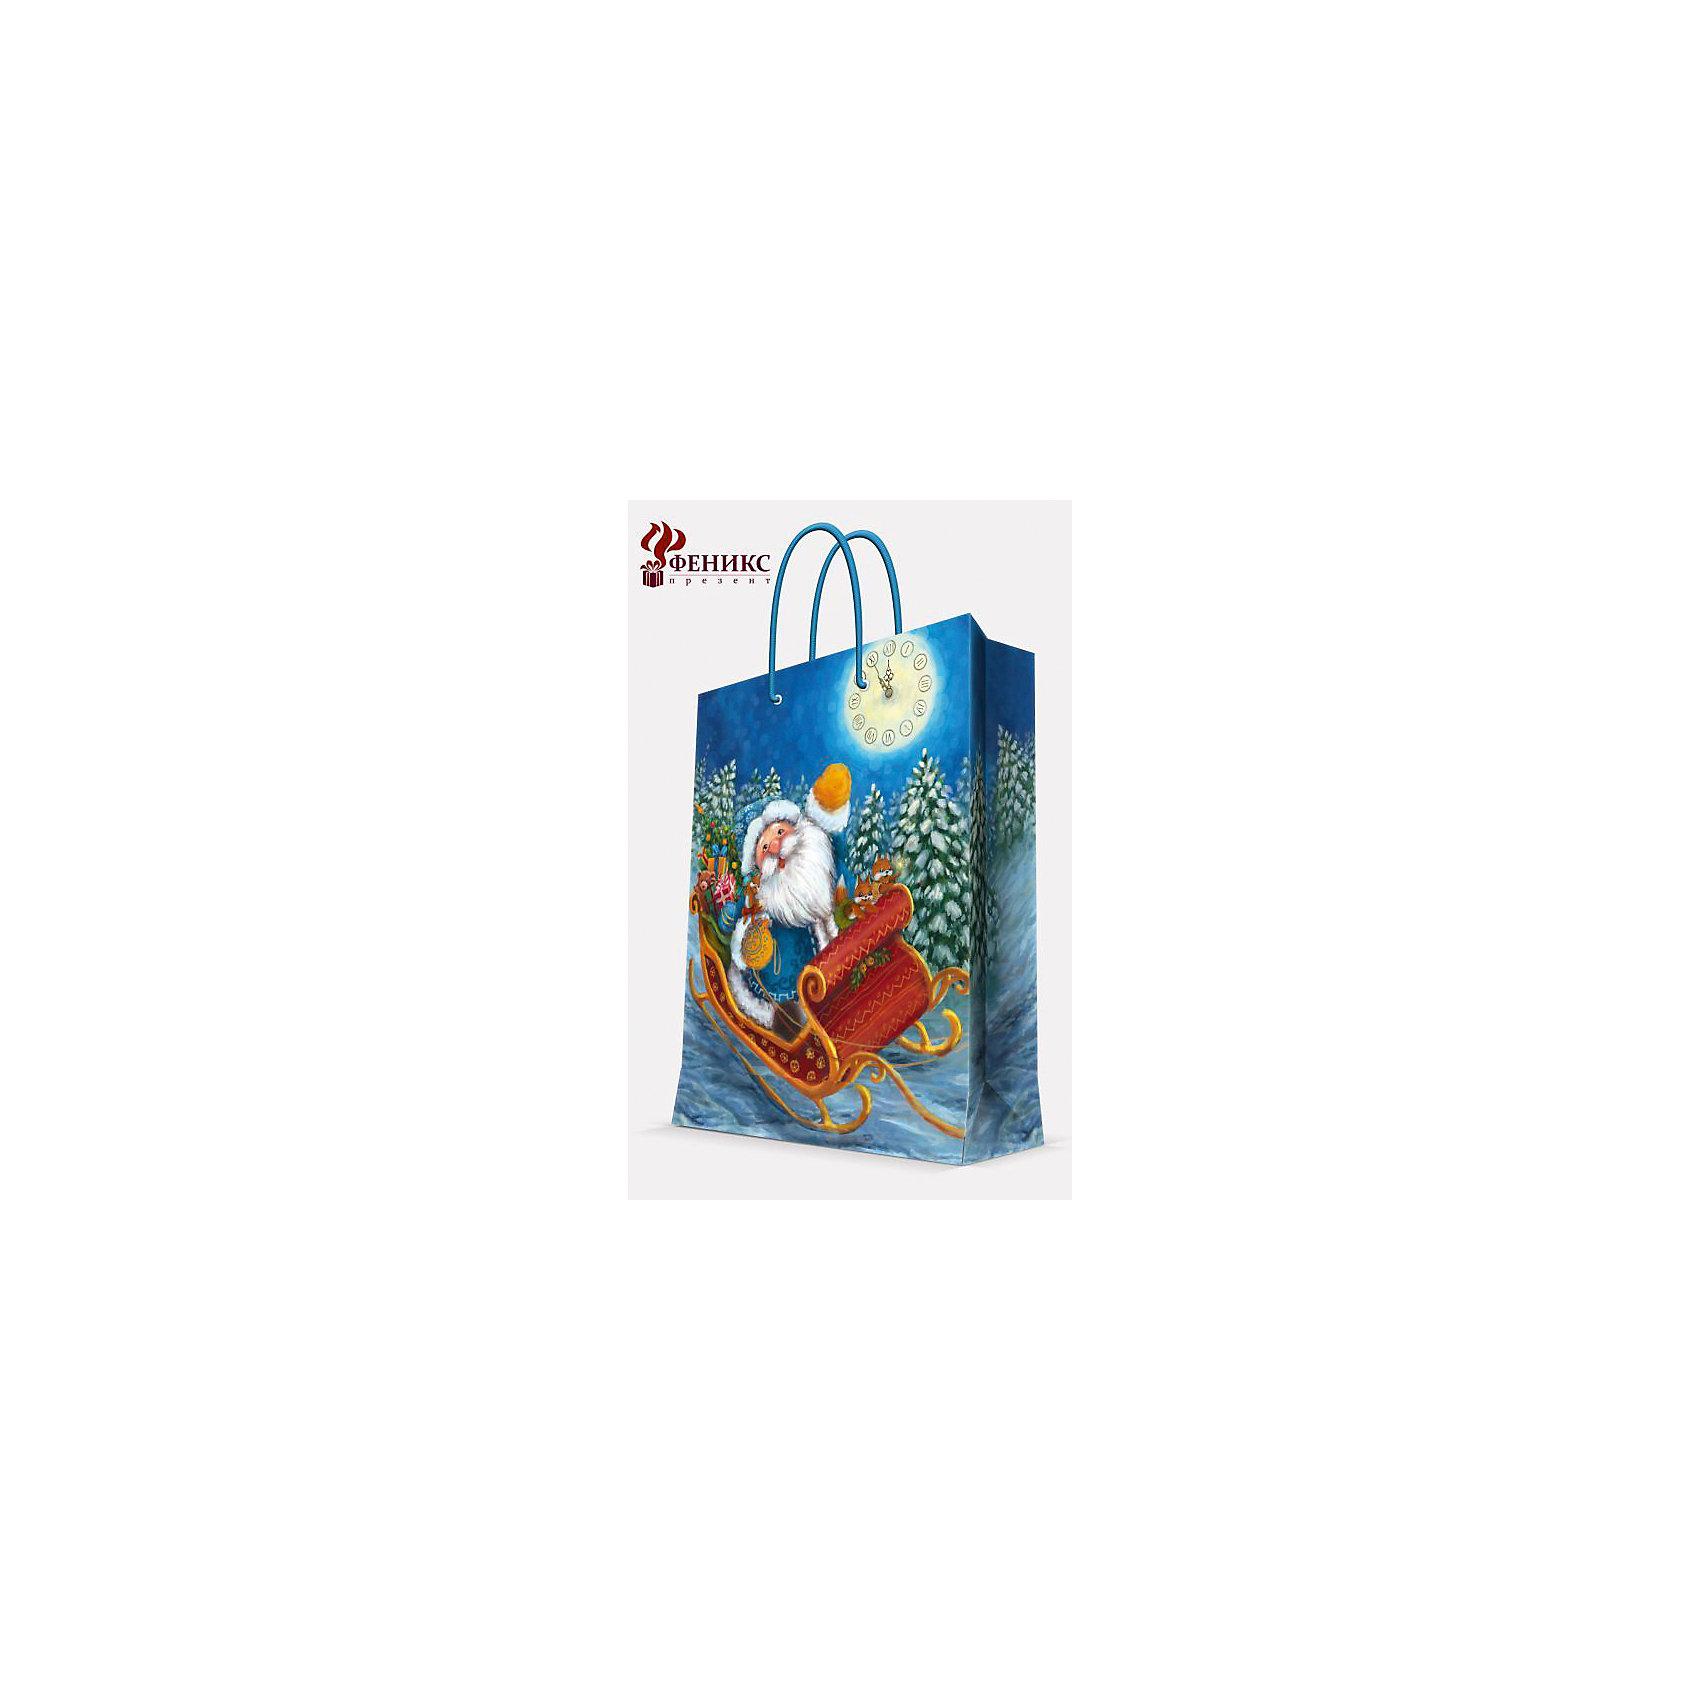 Подарочный пакет Дед Мороз в санях 26*32,4*12,7 смНовинки Новый Год<br>Подарочный пакет Дед Мороз в санях 26*32,4*12,7 см - этот яркий аксессуар станет достойным украшением новогоднего подарка.<br>Подарочный пакет Дед Мороз в санях S поможет красиво оформить новогодний подарок для родных и друзей. Яркий пакет с изображением Деда Мороза, который мчится на санях по заснеженному лесу, сделает Ваш подарок эффектным и запоминающимся. Пакет с ламинацией выполнен из плотной бумаги, имеет широкое основание. Для удобной переноски предусмотрены две ручки из шнурков.<br><br>Дополнительная информация:<br><br>- Размер: 26 х 32,4 х 12,7 см.<br>- Шириной основания: 26 см.<br>- Ламинированный<br>- Ручки: шнурки<br>- Материал: бумага<br>- Плотность: 140 г/м2<br><br>Подарочный пакет Дед Мороз в санях 26*32,4*12,7 см можно купить в нашем интернет-магазине.<br><br>Ширина мм: 1<br>Глубина мм: 260<br>Высота мм: 320<br>Вес г: 74<br>Возраст от месяцев: 36<br>Возраст до месяцев: 2147483647<br>Пол: Унисекс<br>Возраст: Детский<br>SKU: 4274758